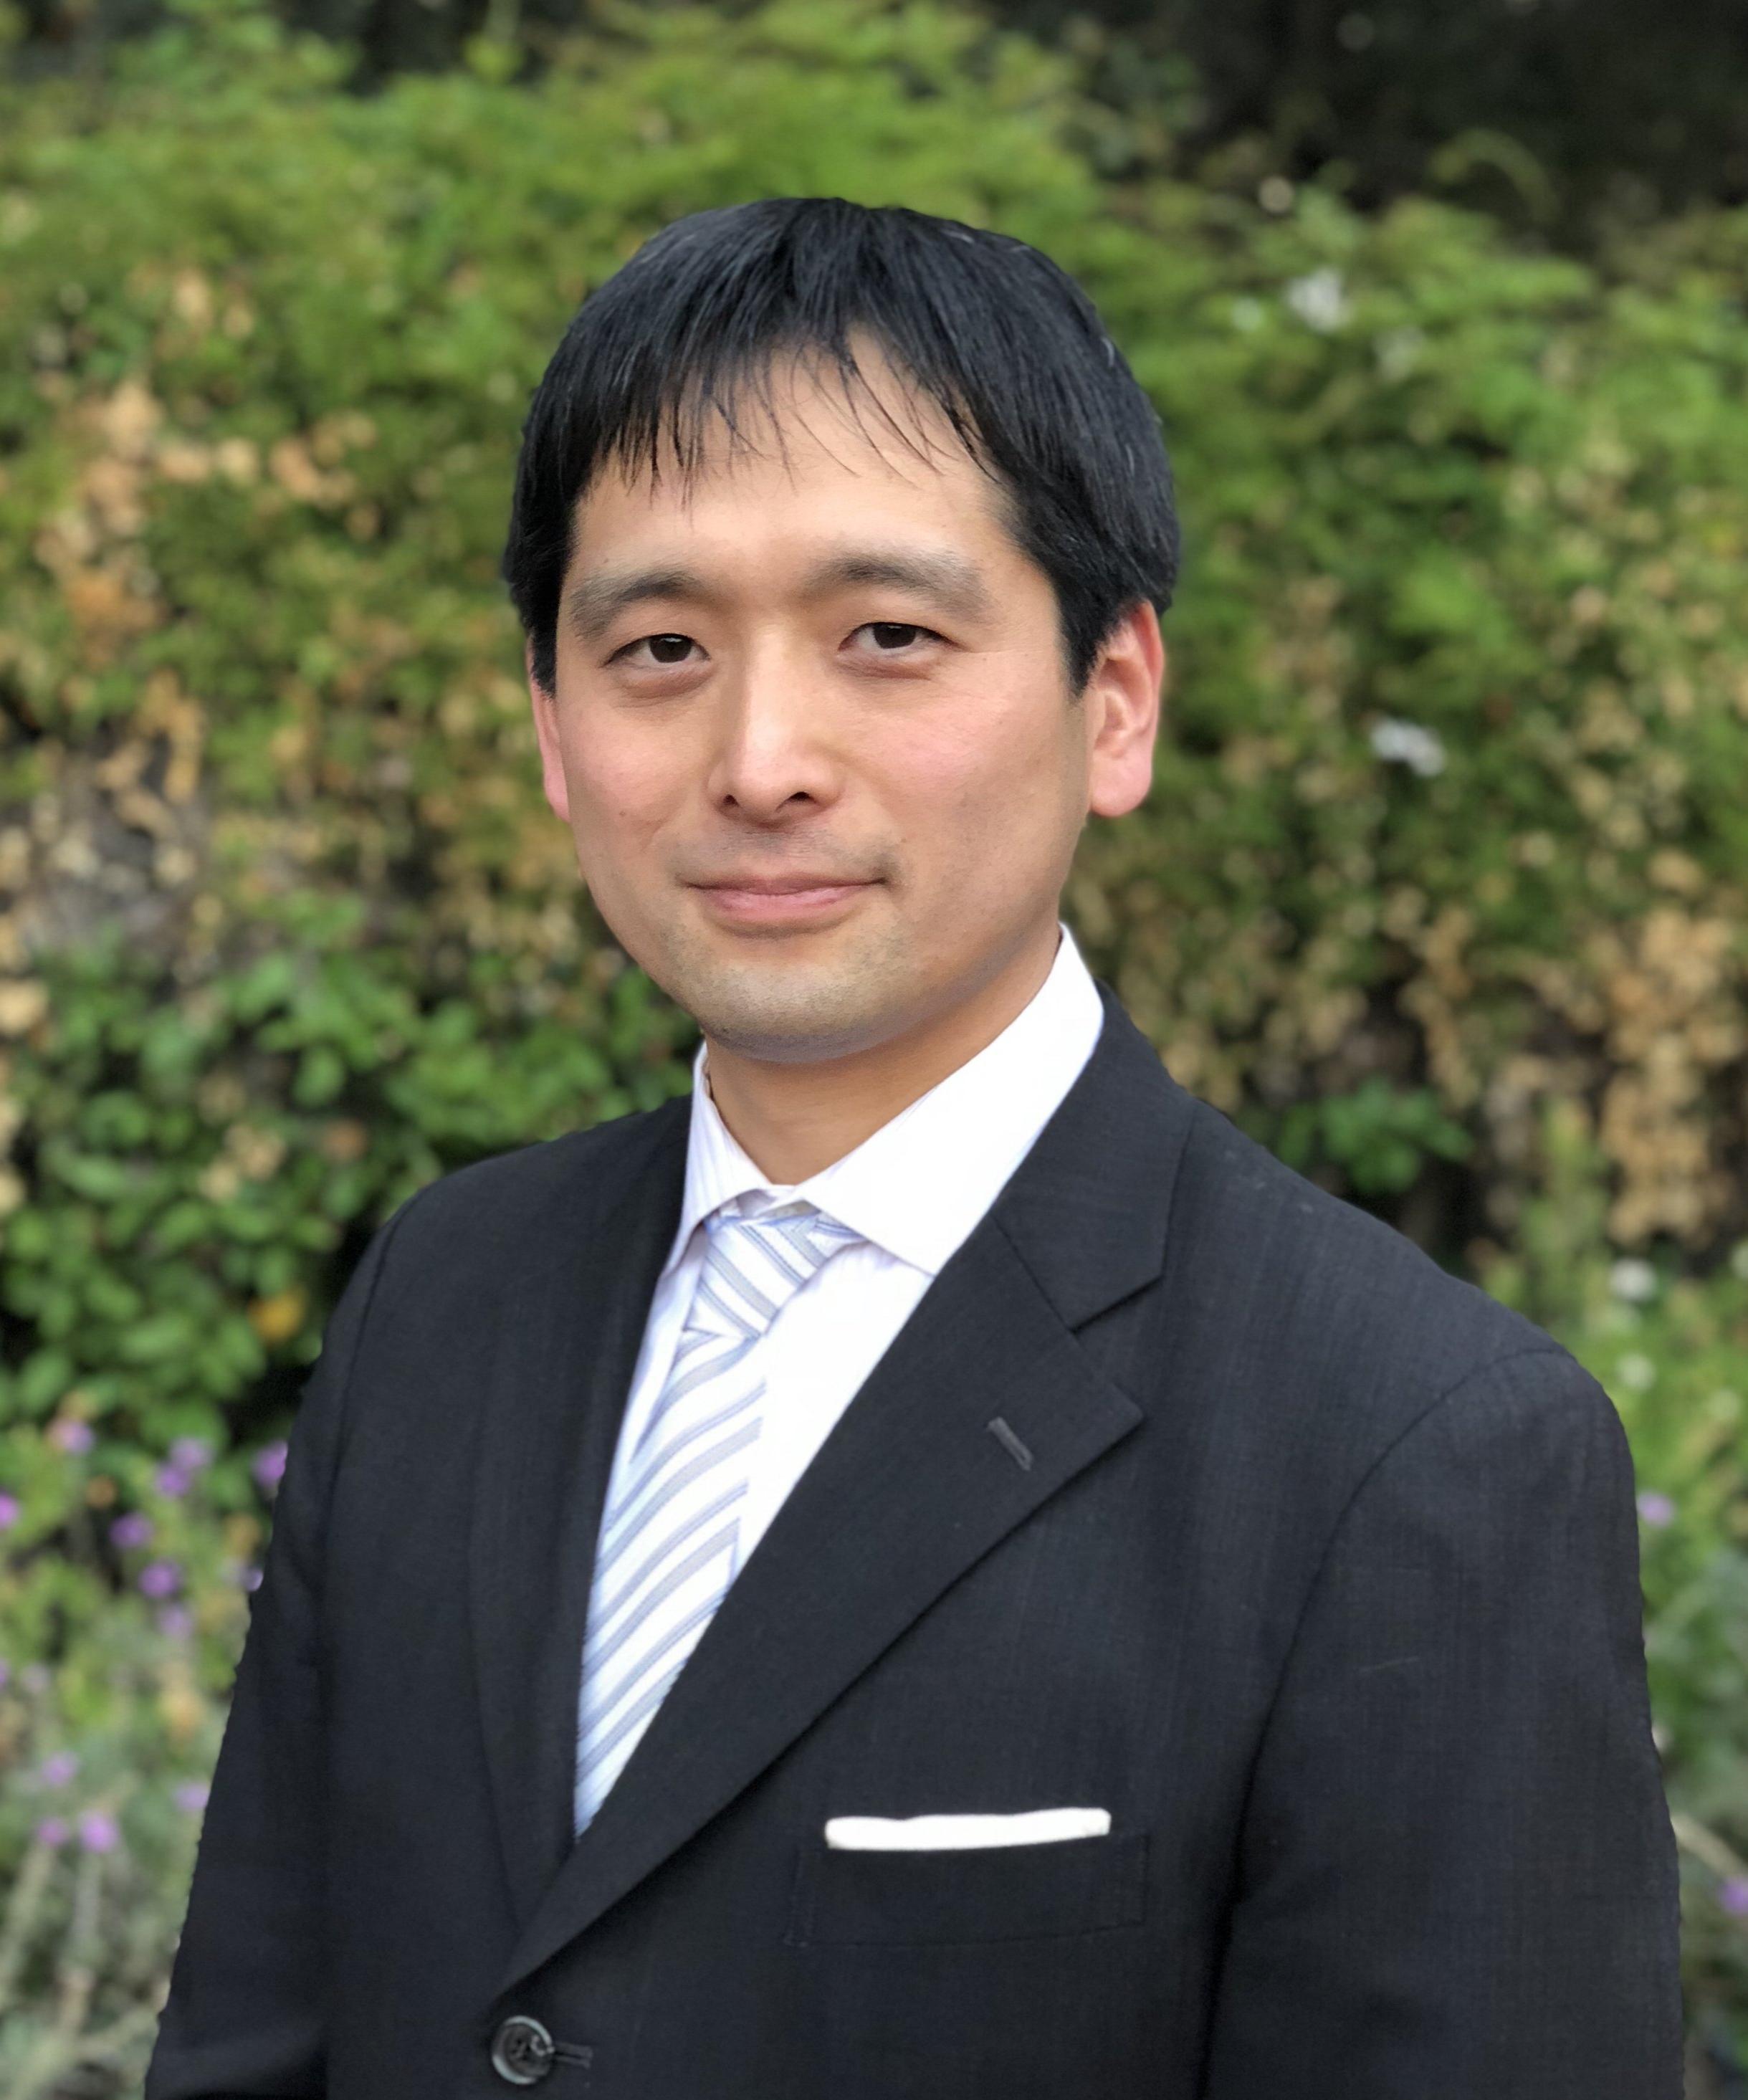 Masataka Kawana